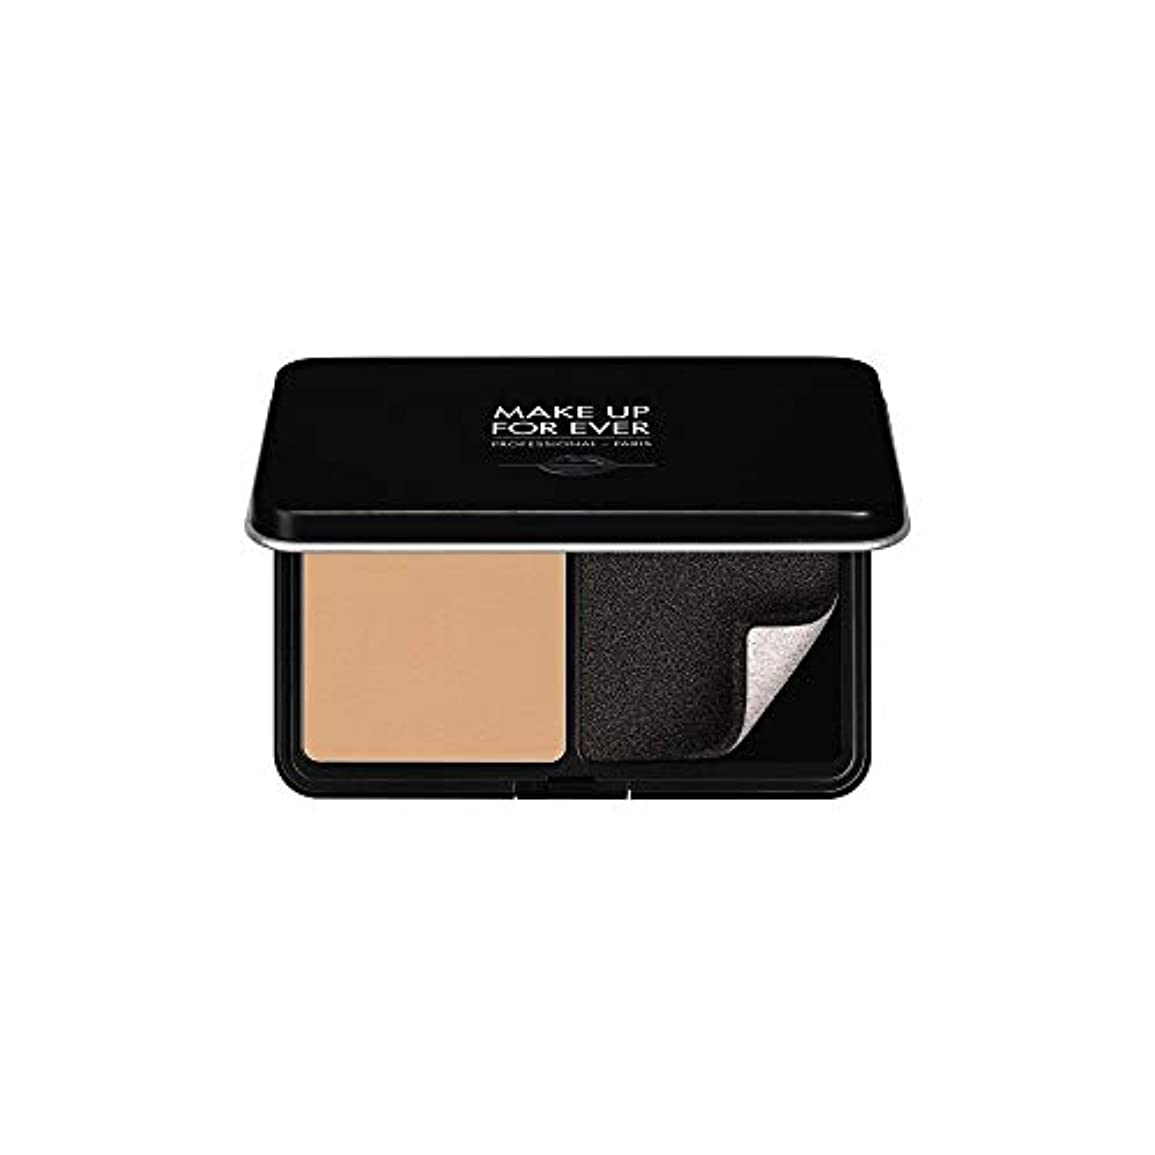 セクタ規定ポスターメイクアップフォーエバー Matte Velvet Skin Blurring Powder Foundation - # Y305 (Soft Beige) 11g/0.38oz並行輸入品